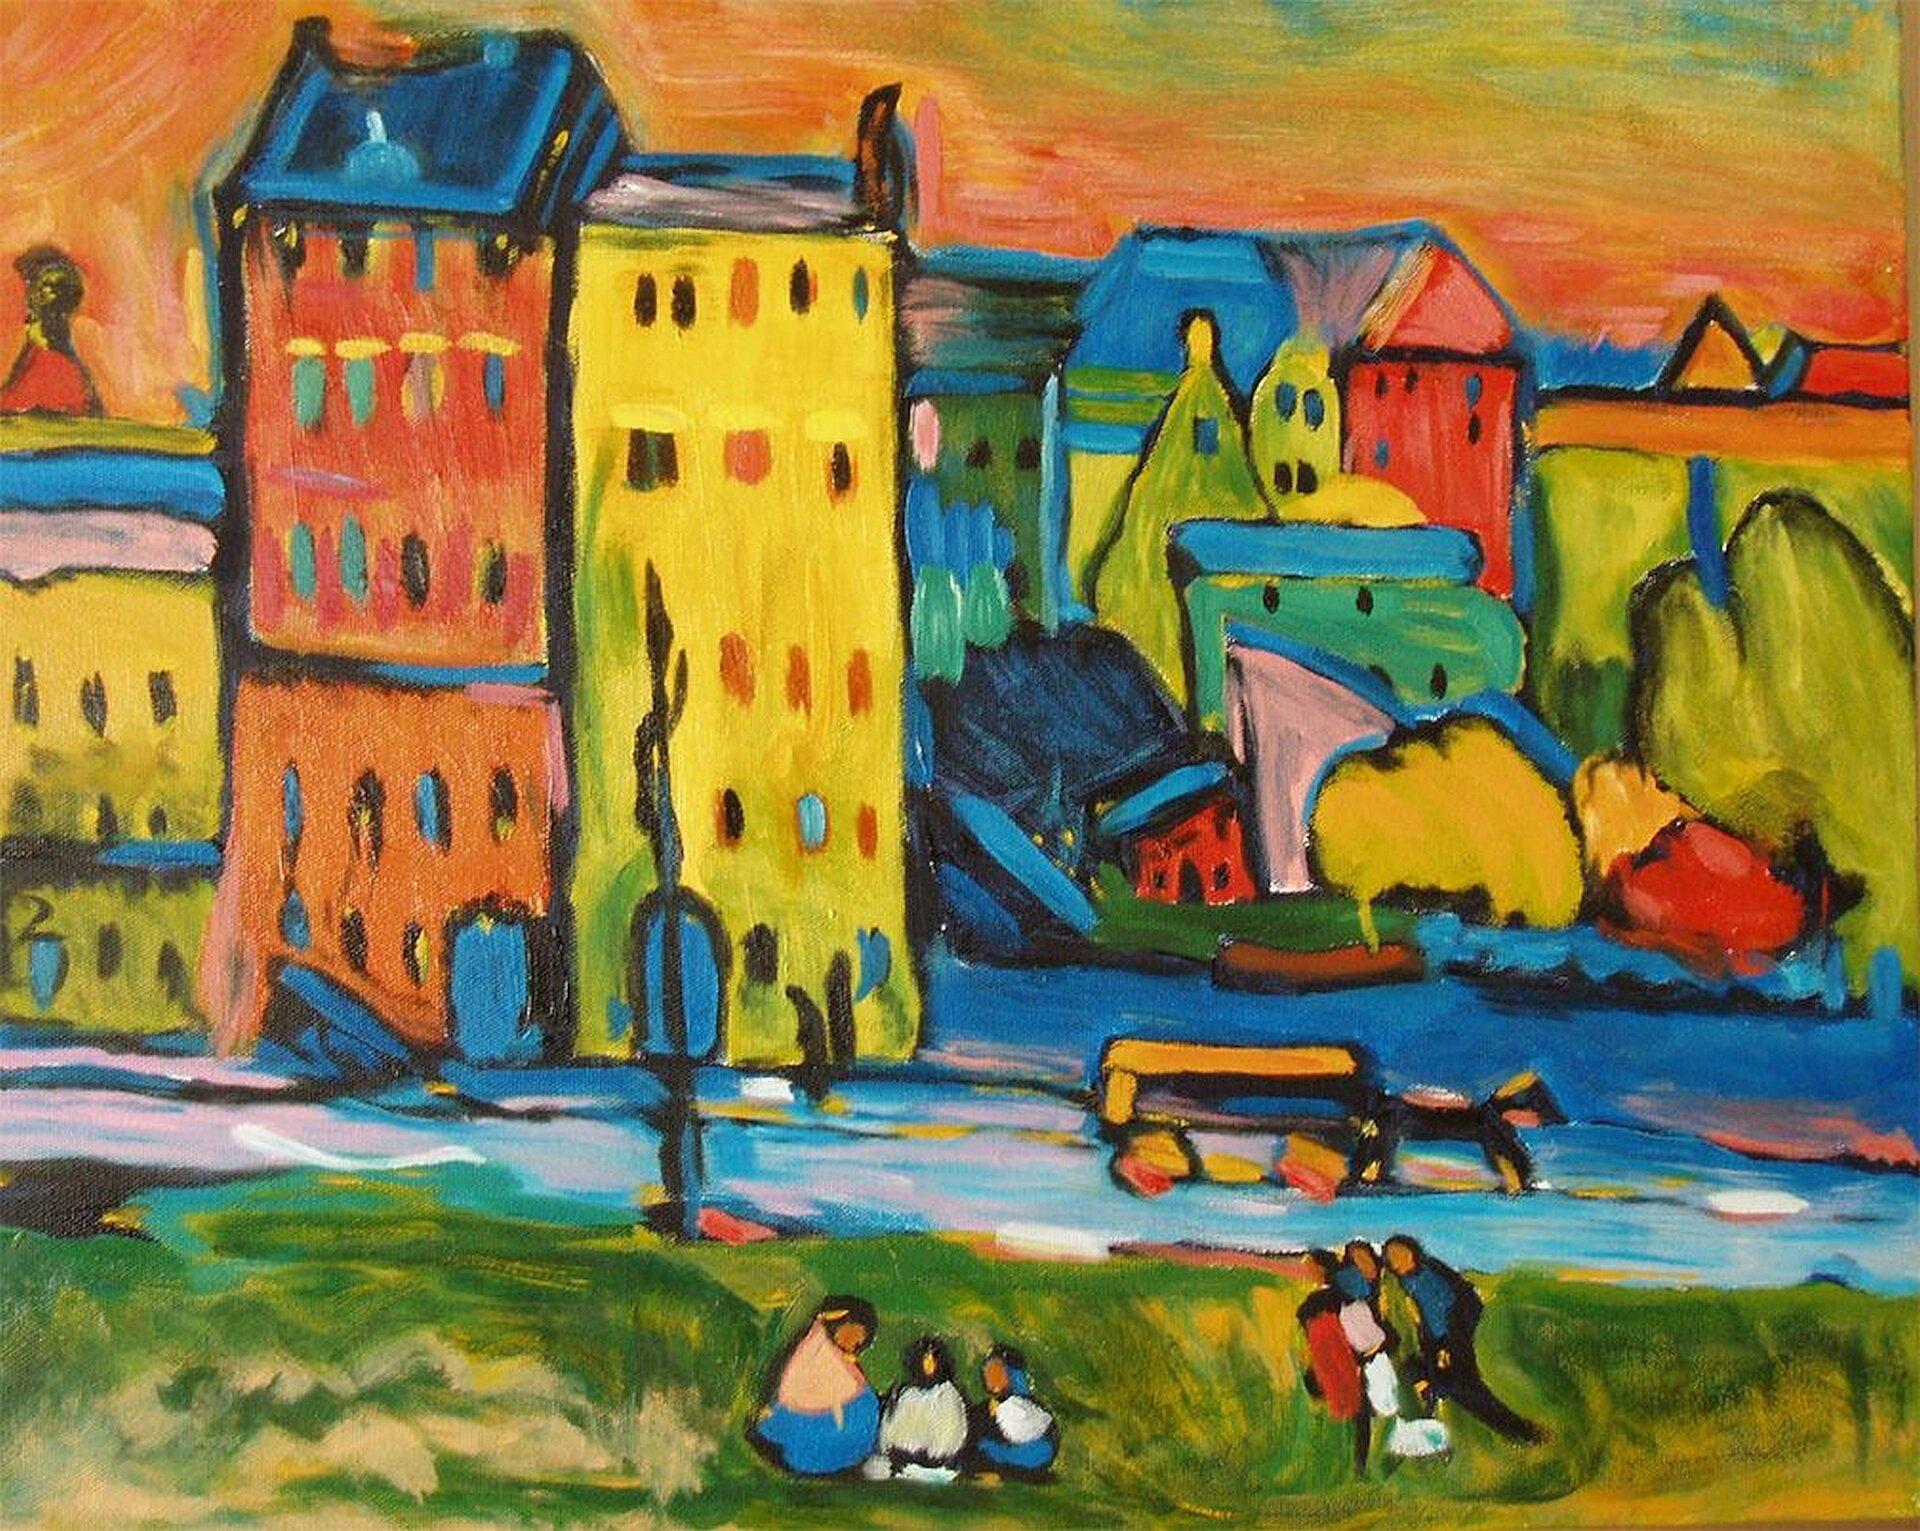 """Ilustracja przedstawia dzieło Wassilygo Kandinsky pt. """"Domy wMonachium"""". Artysta przedstawił wkolorowych barwach wysokie bloki mieszkalne oraz pas zieleni, na której biwakują rodziny."""